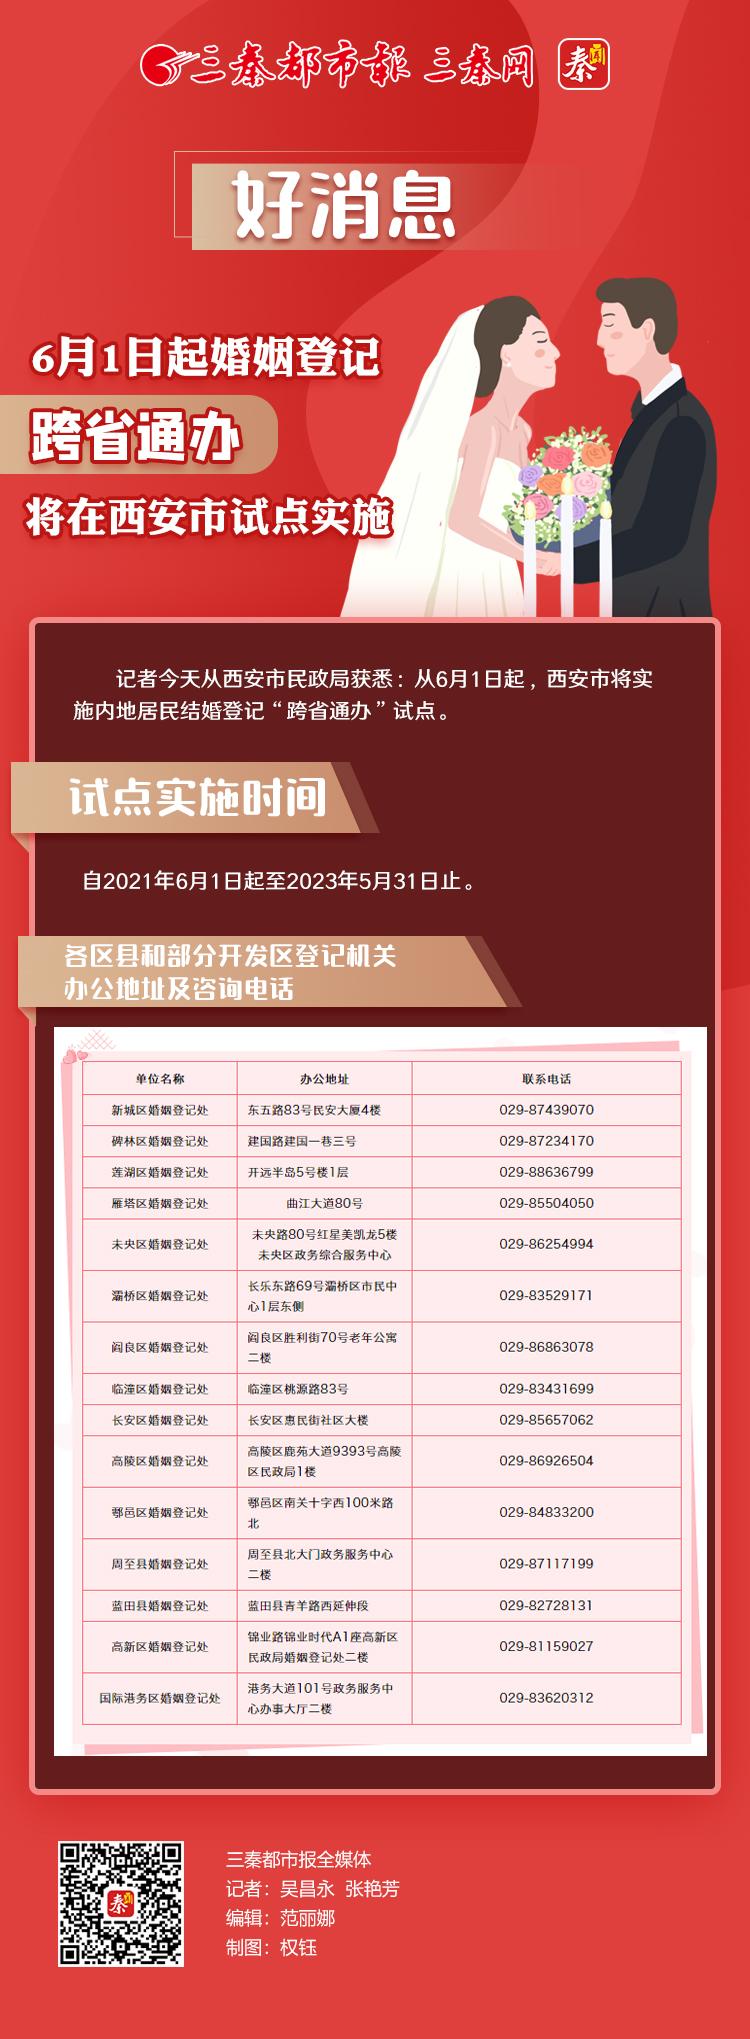 """好消息!6月1日起婚姻登记""""跨省通办""""将在西安市试点实施"""